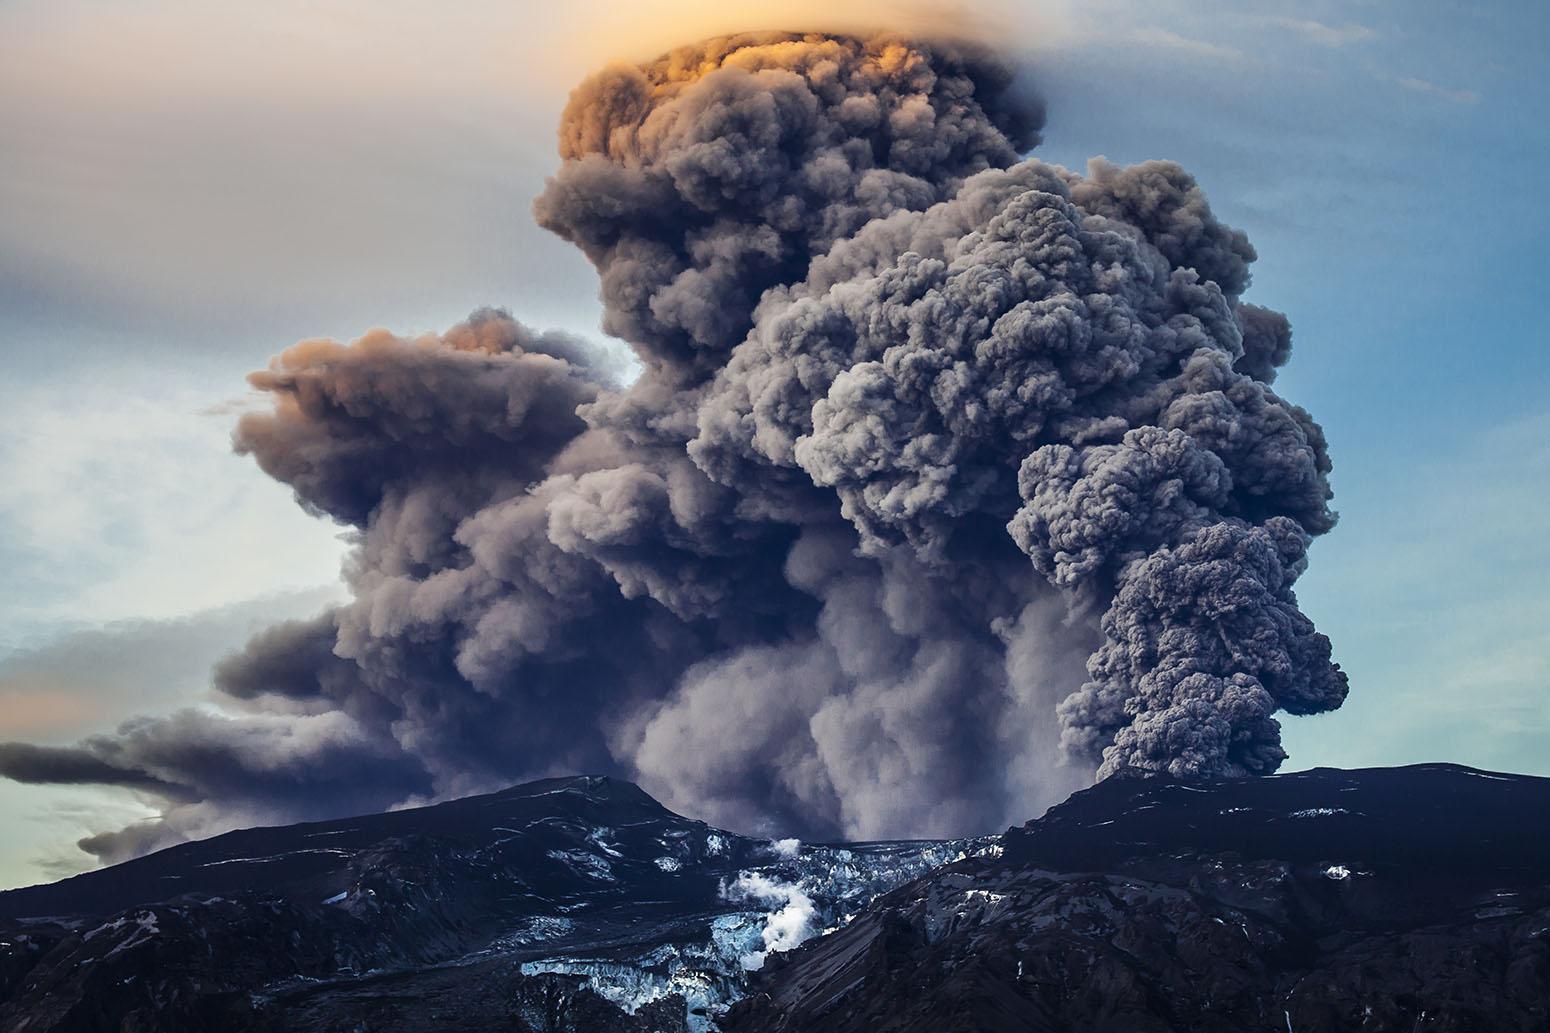 vulcano islandese Eyjafjallajökull 2010.jpg